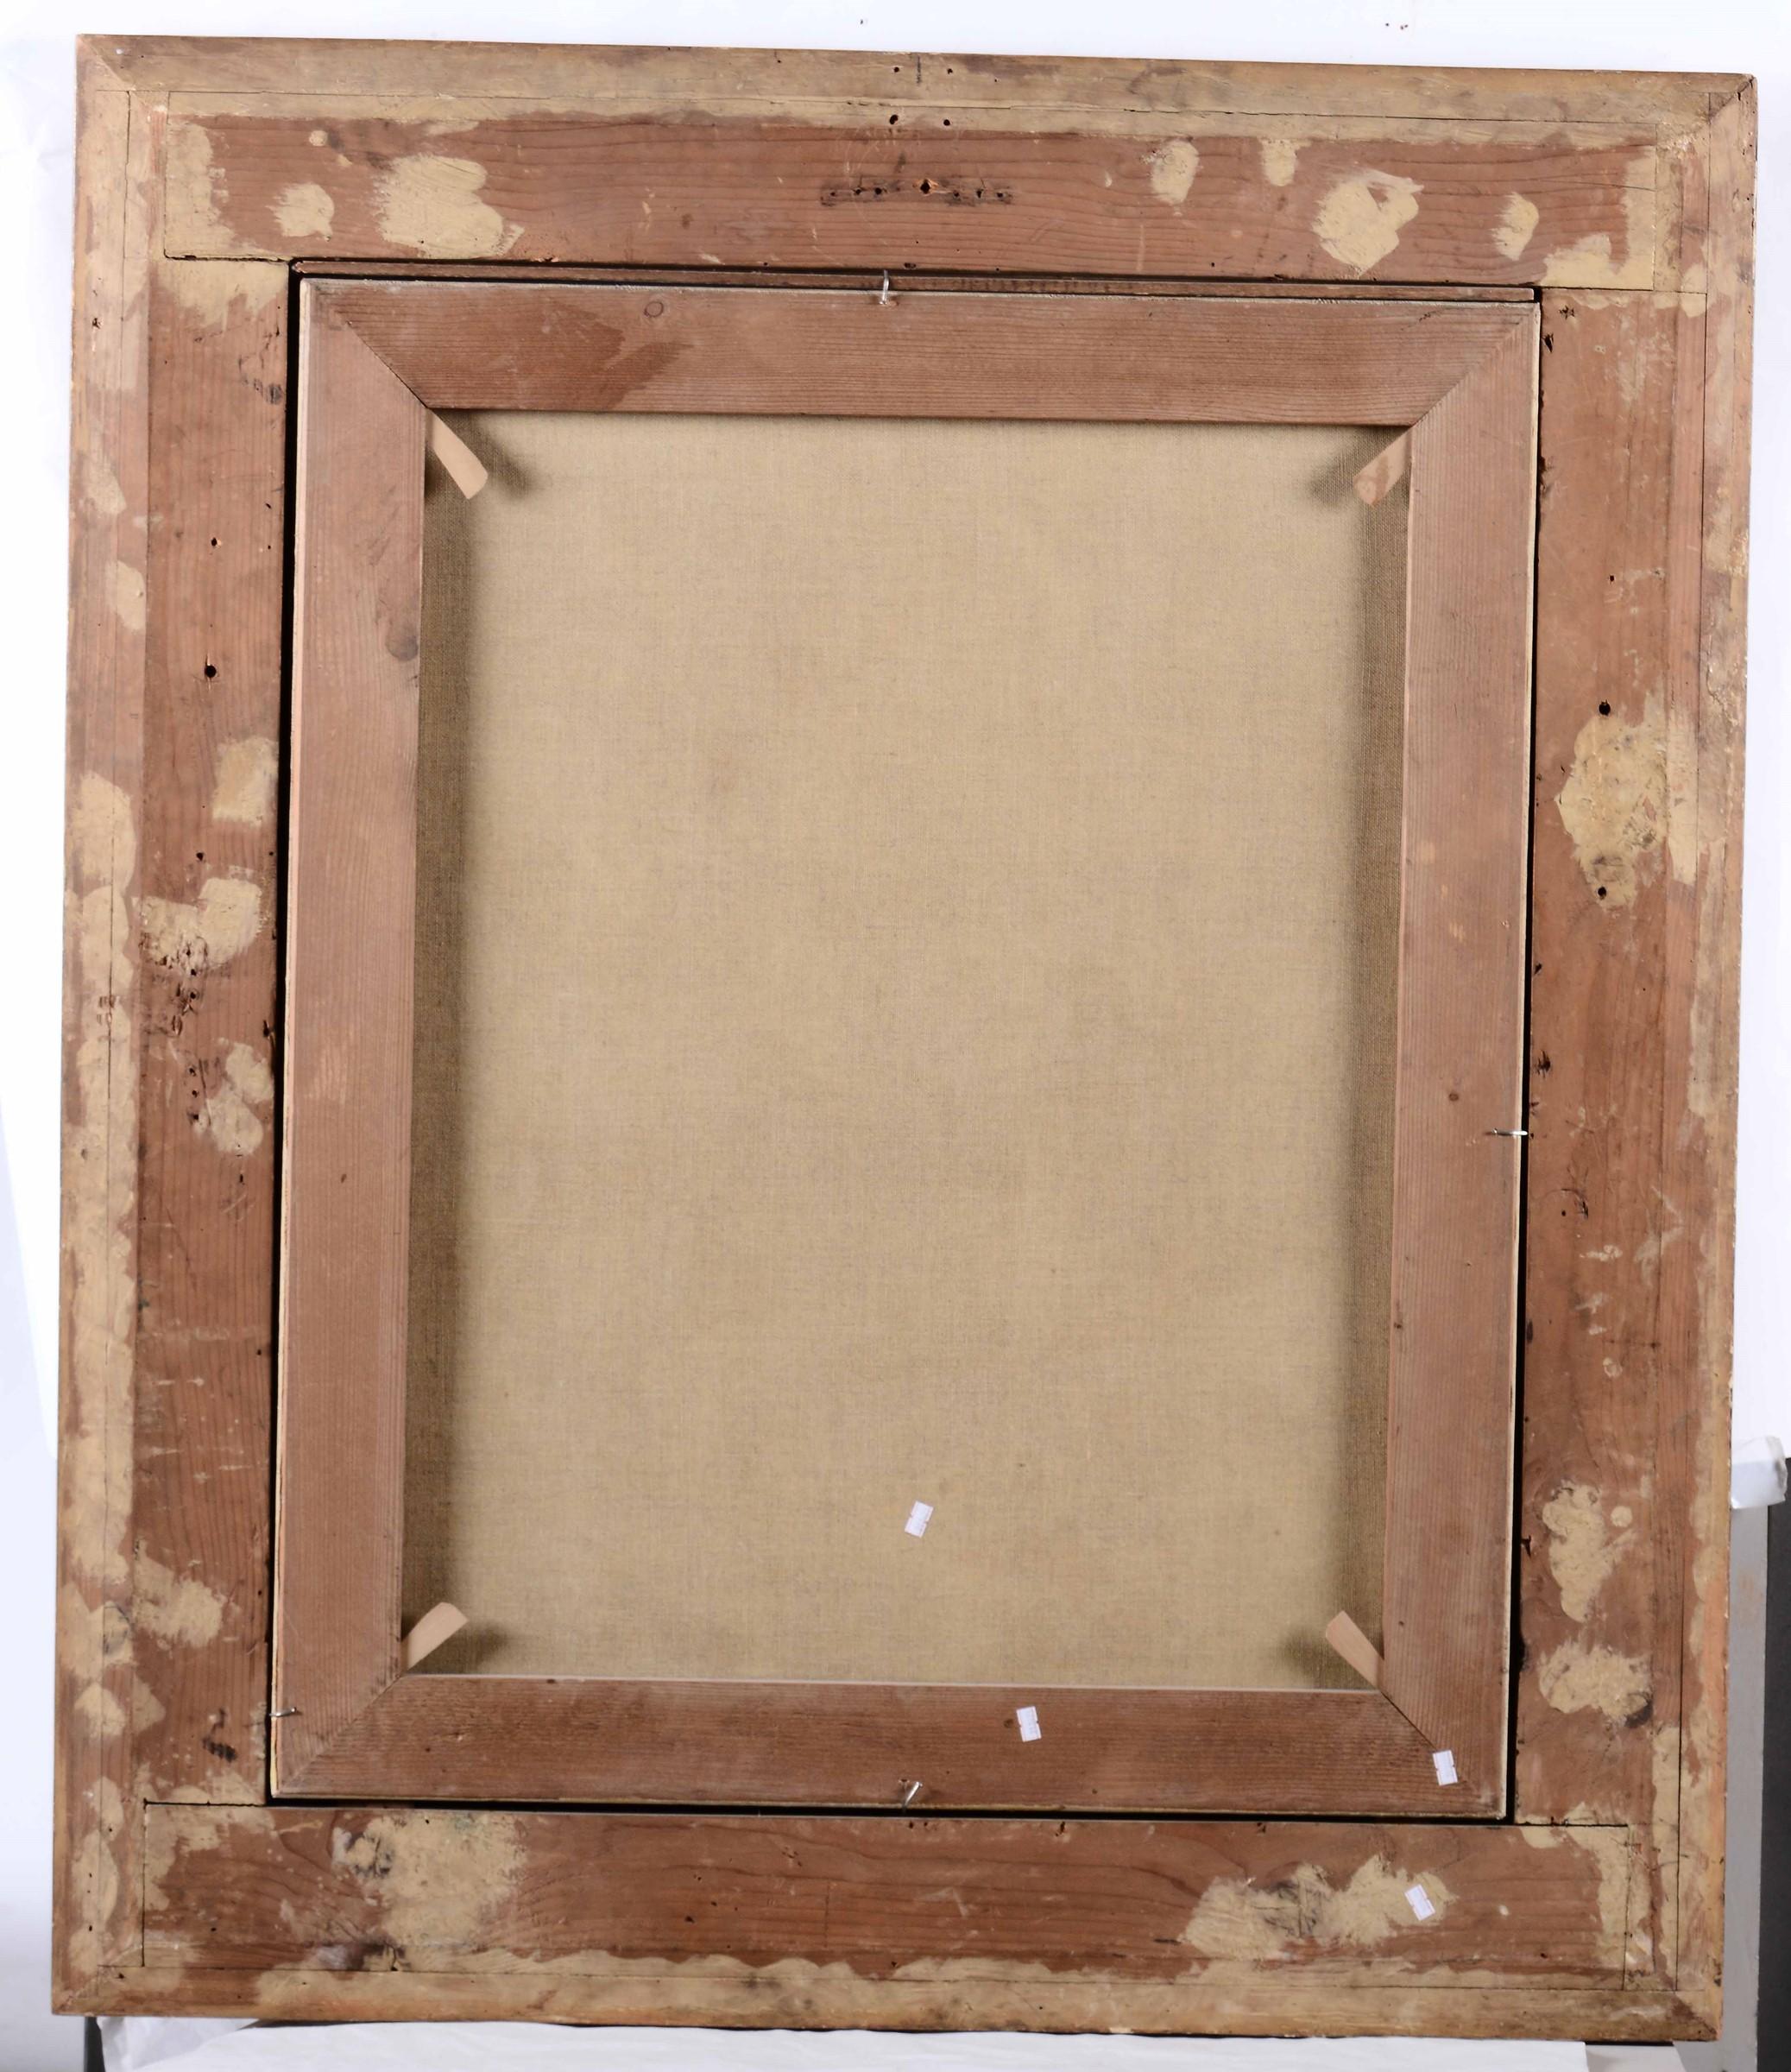 Scuola veneta dell'inizio del XVII secolo, Ritratto di gentildonna con filo di perle [...] - Bild 2 aus 2